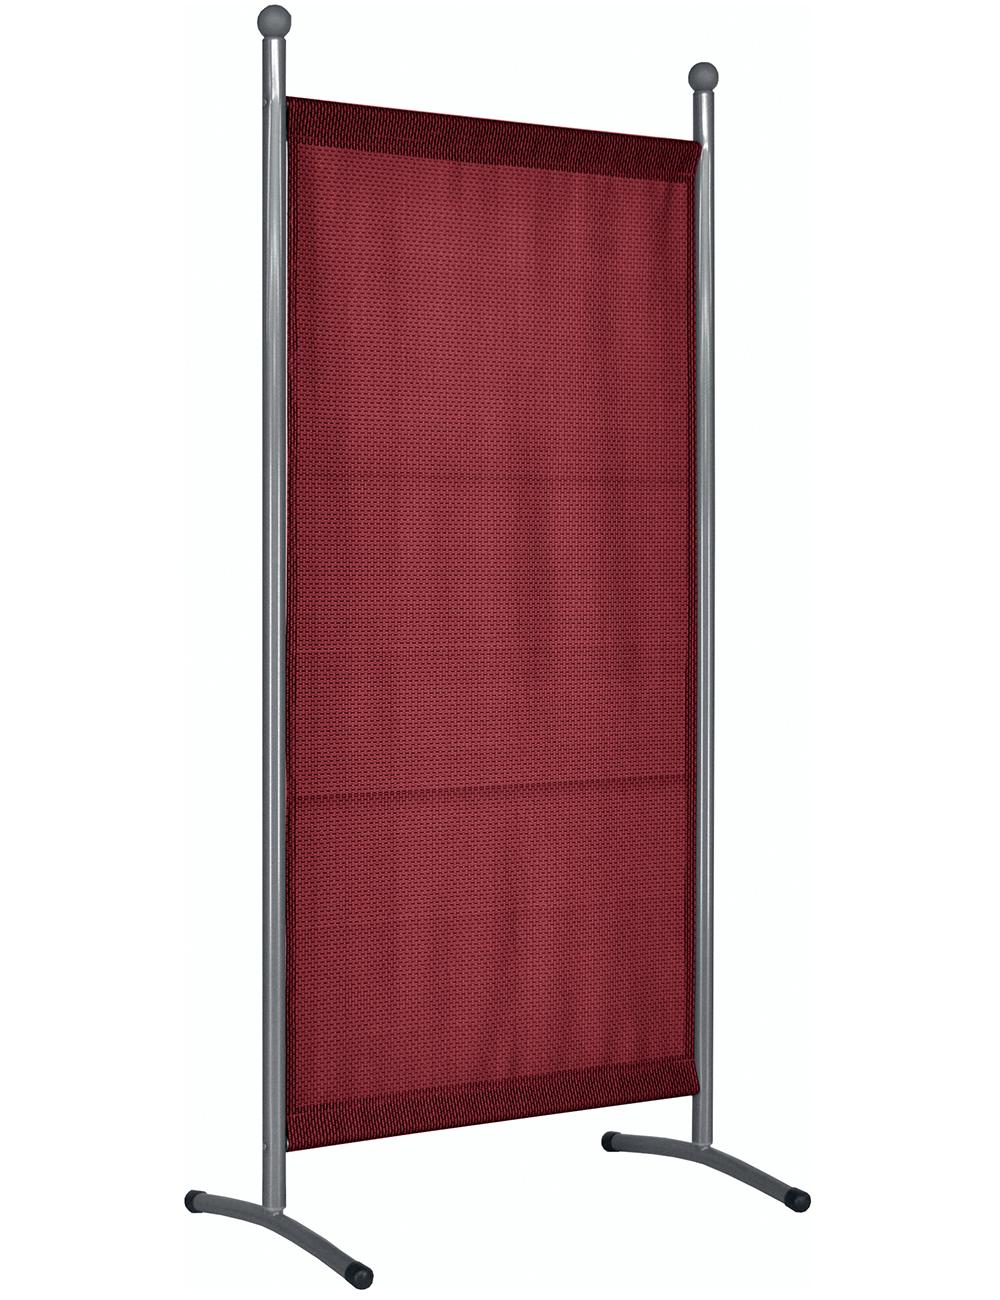 paravent bordeaux 178 x 82 cm. Black Bedroom Furniture Sets. Home Design Ideas